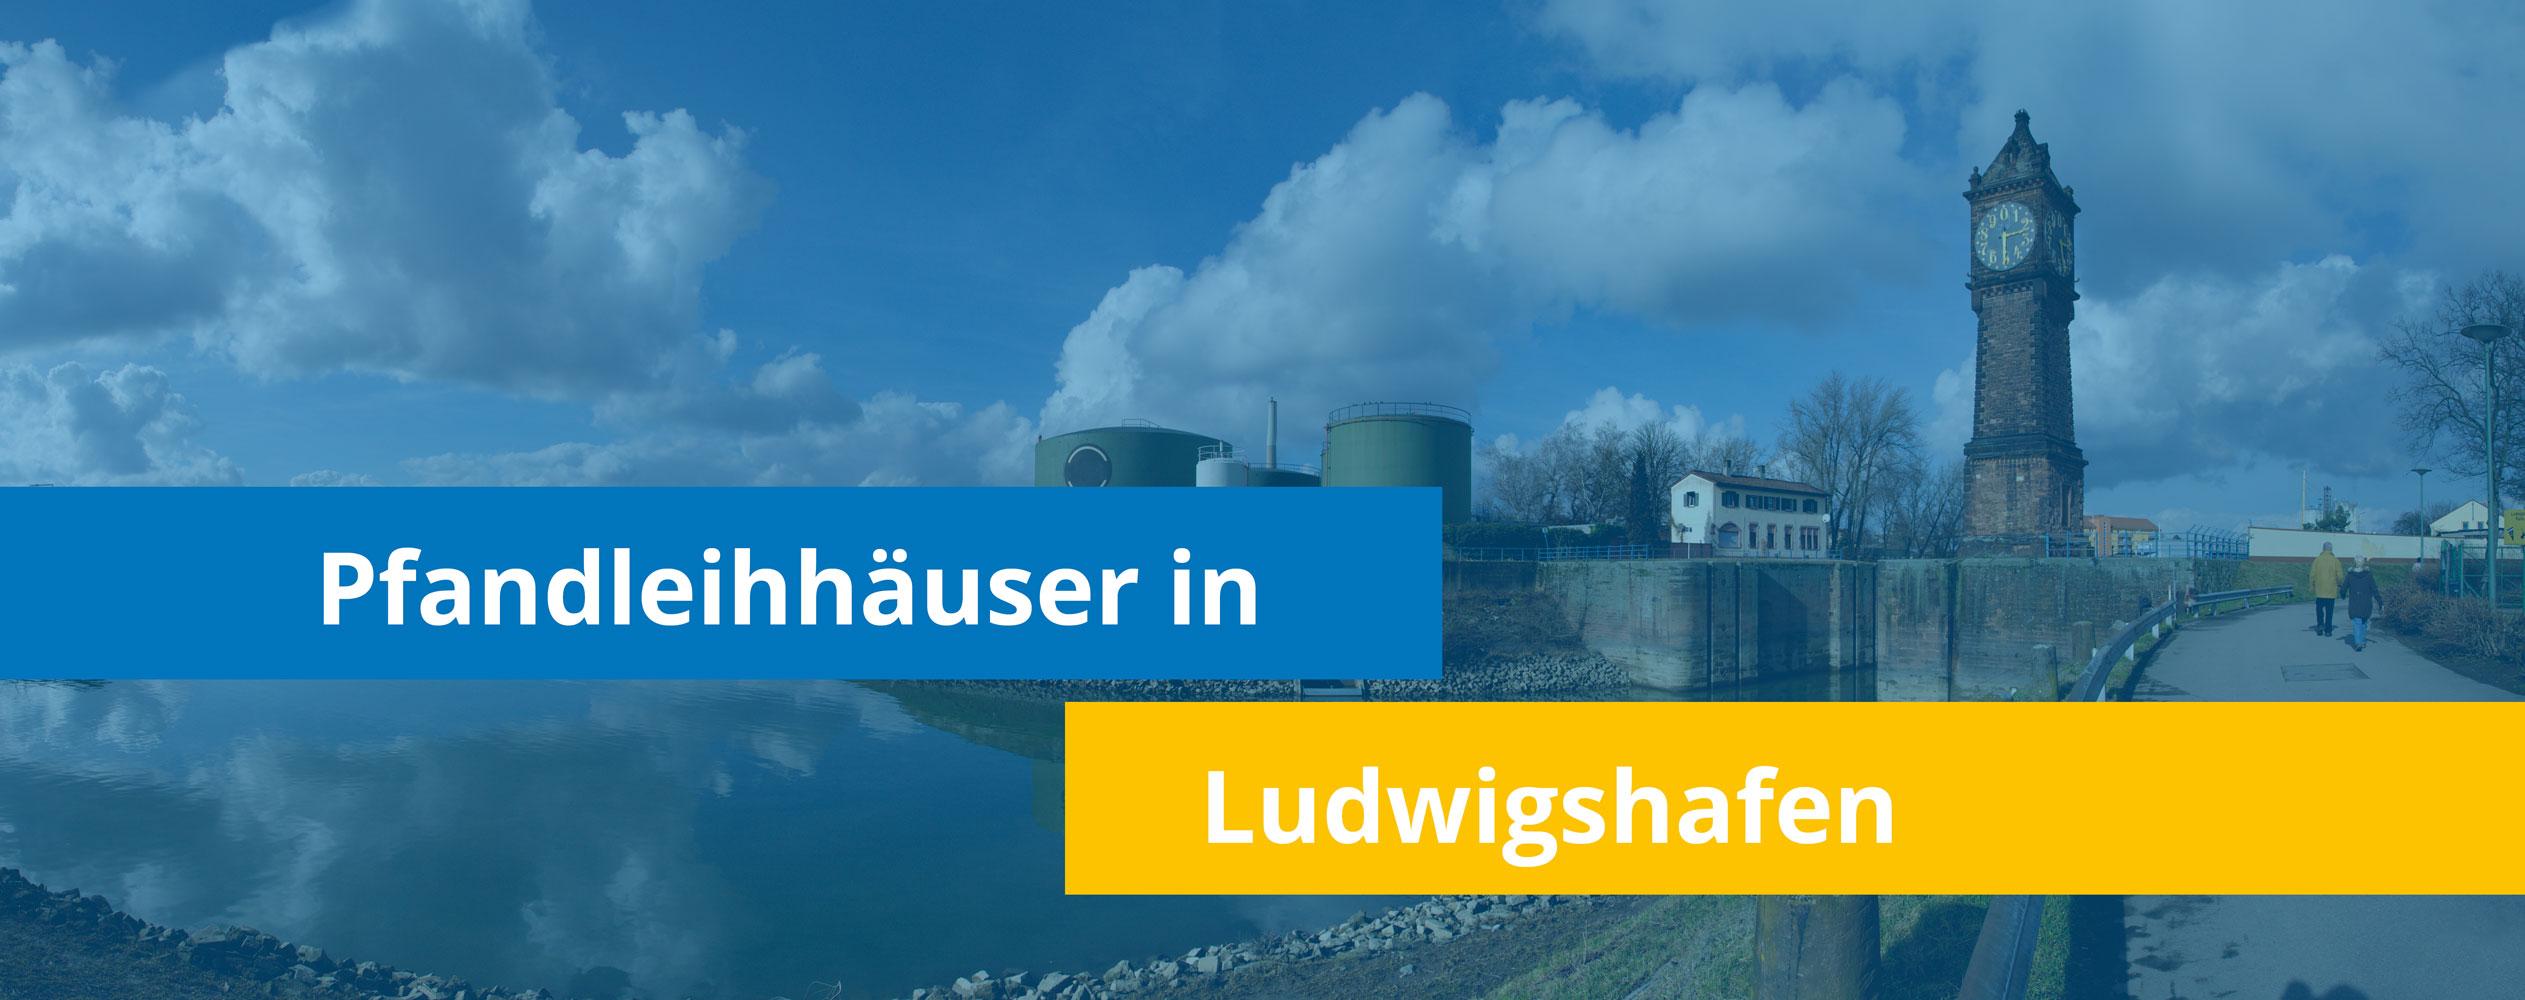 Leihhäuser in Ludwigshafen